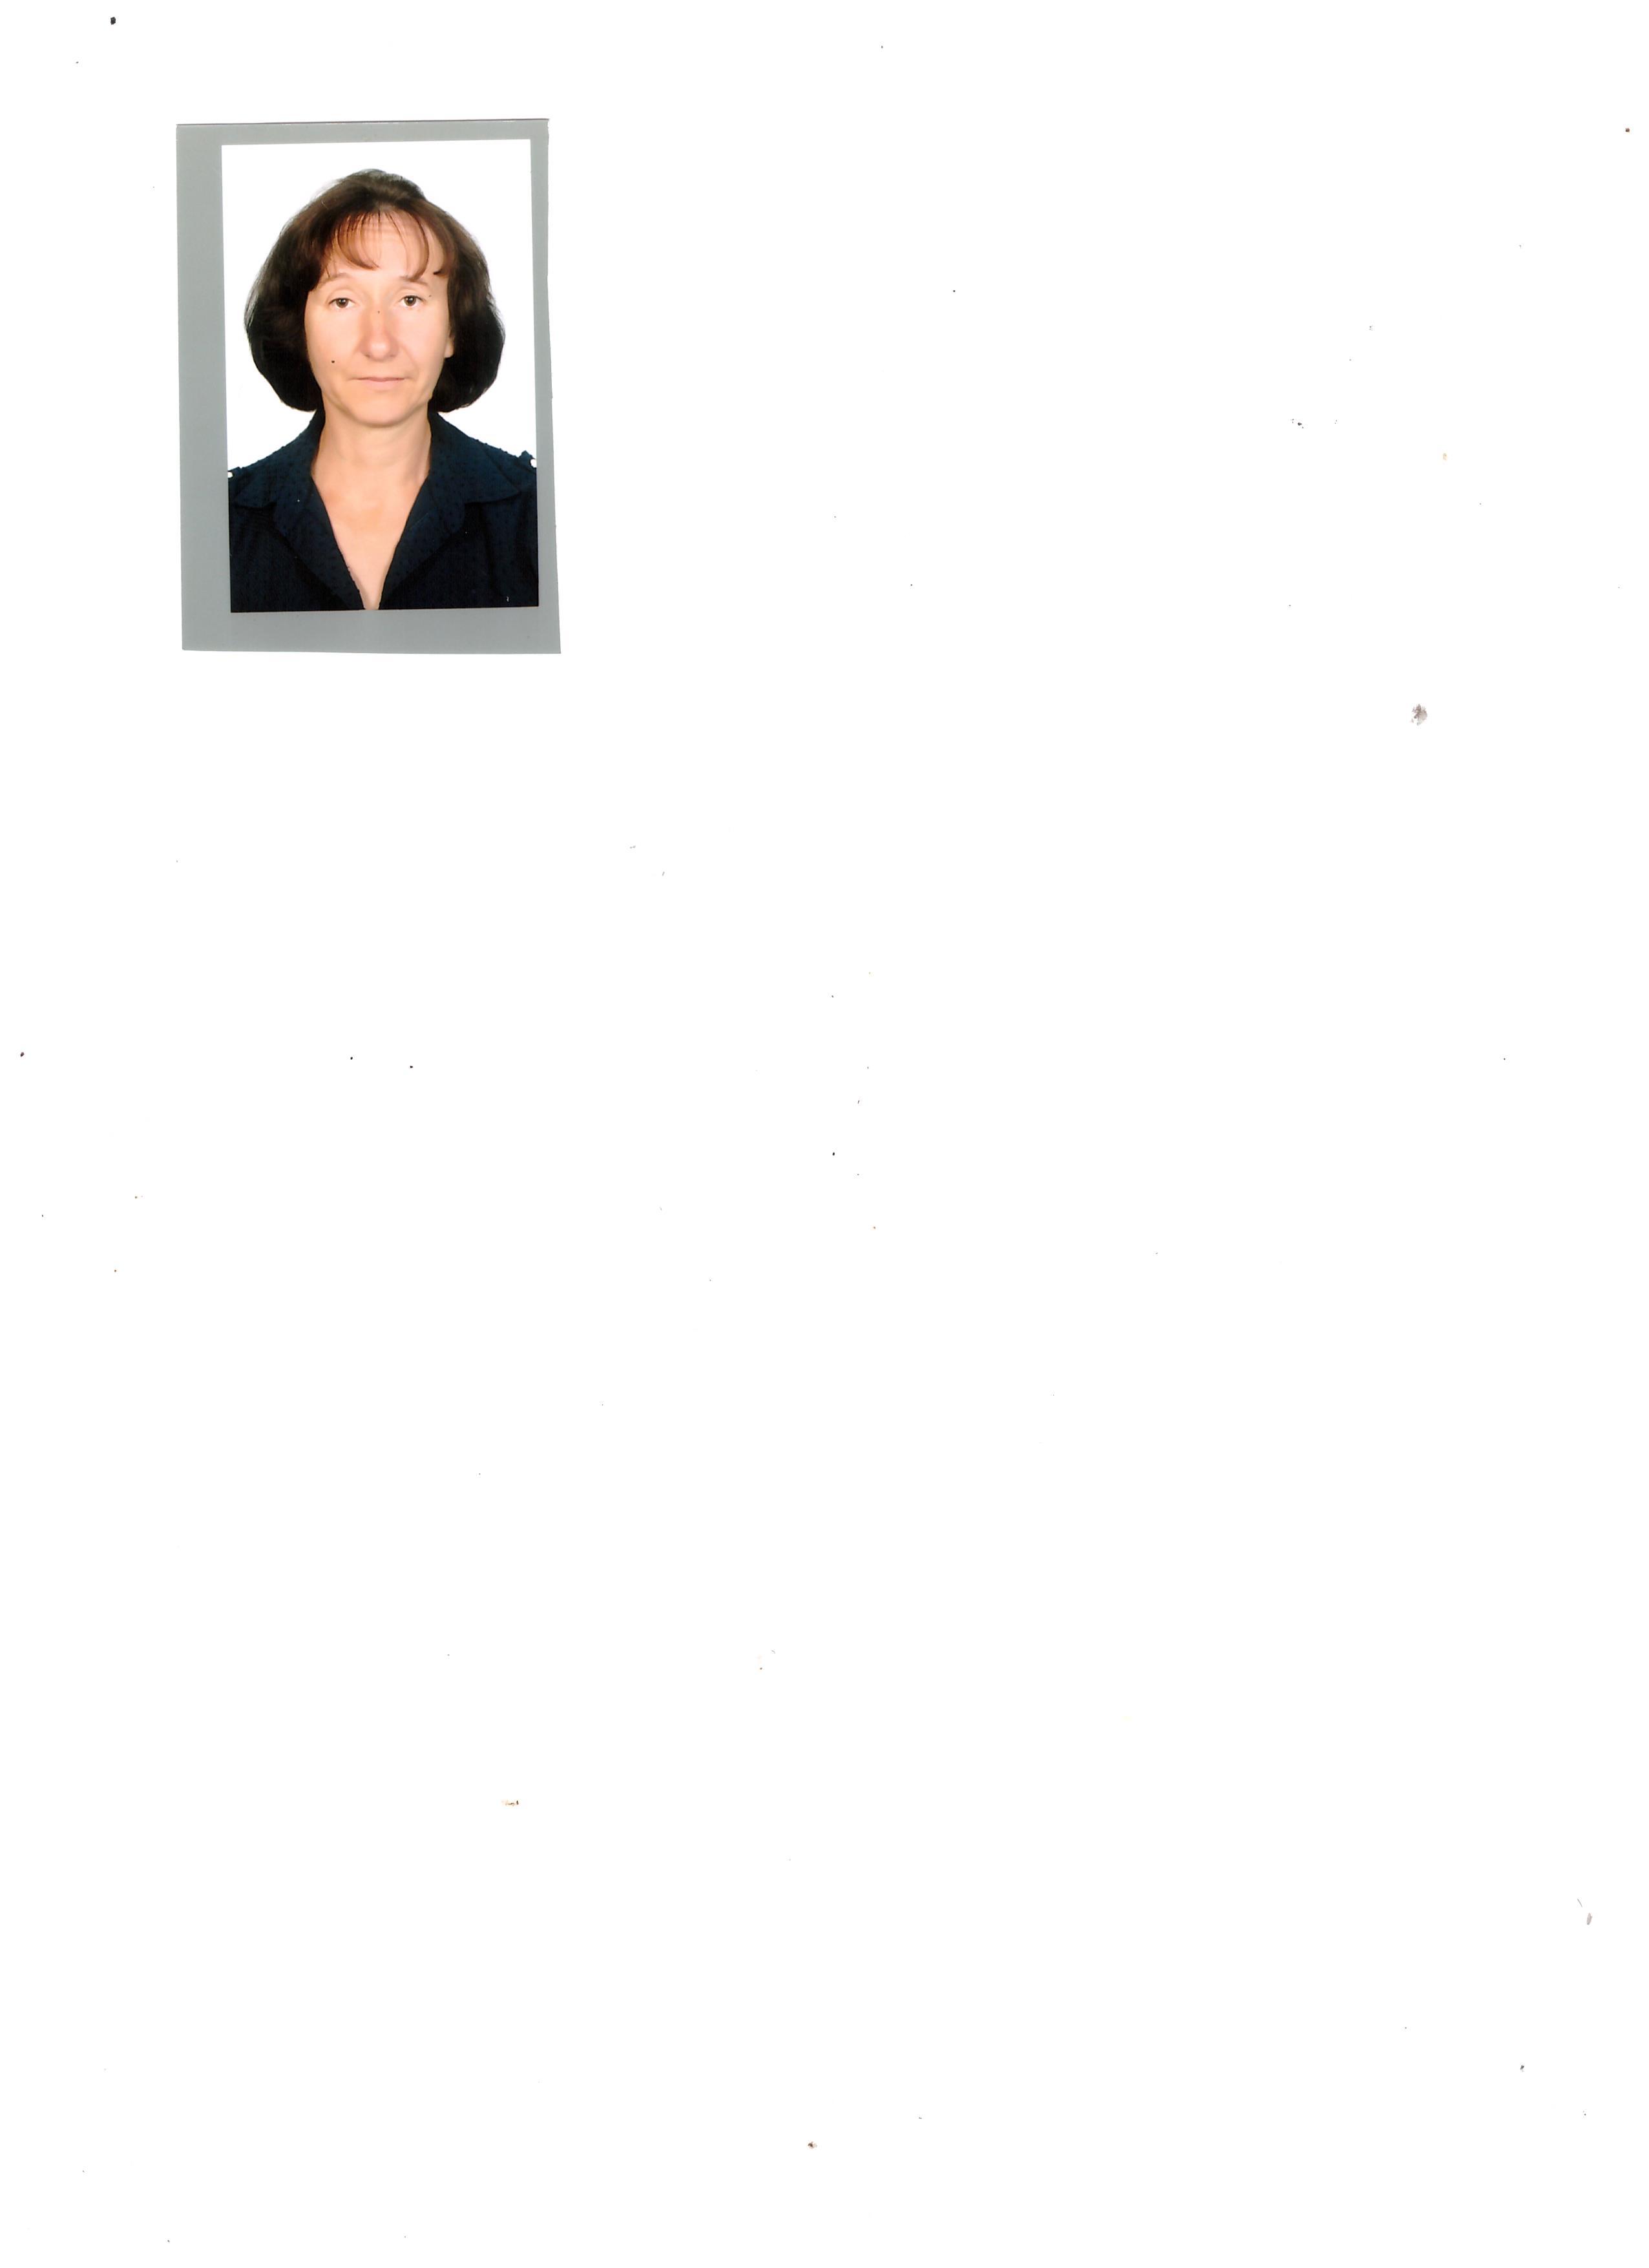 Опис : C:UsersUser1Desktopдепутати фотоФото кандидатівКандидати в  депутатиОкруг 3Шинкарук Галина Дмитрівна.jpg